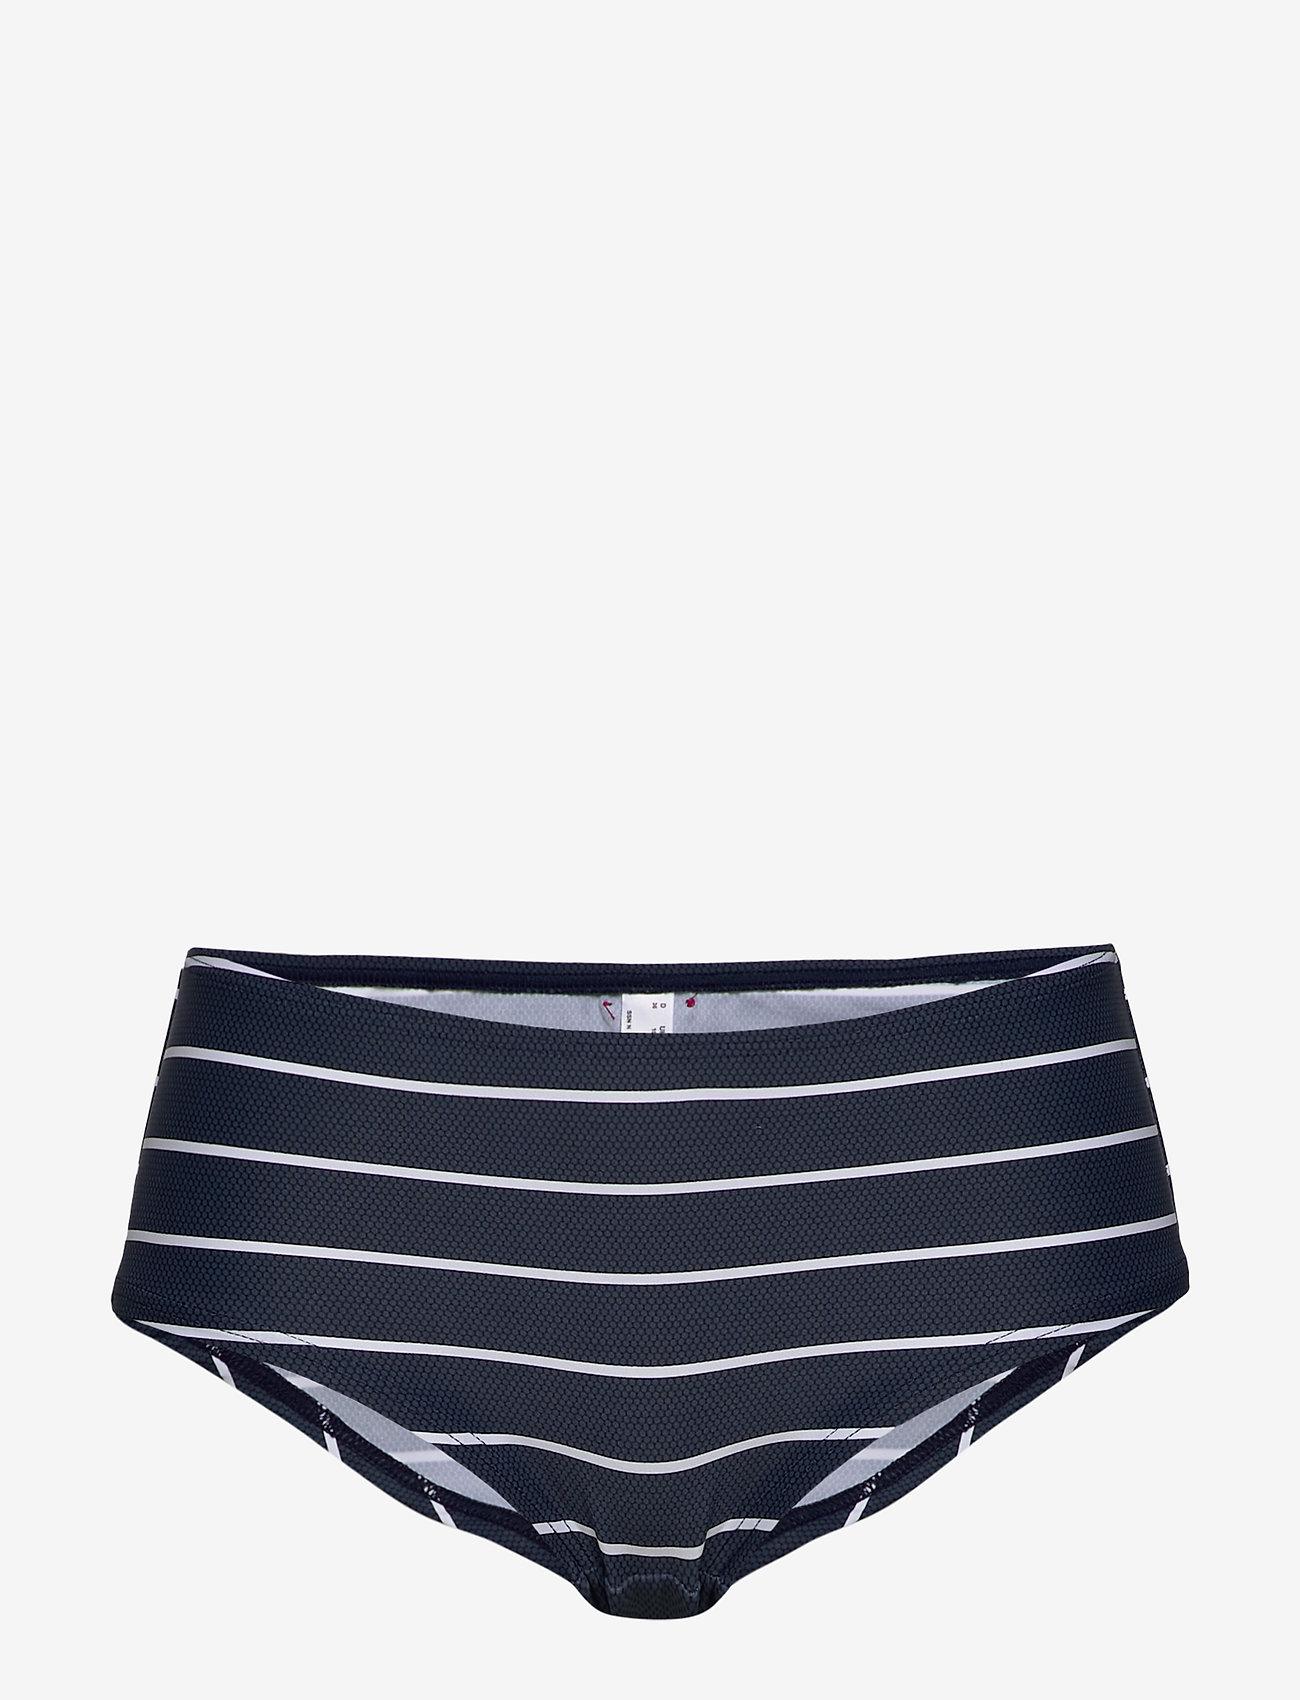 Esprit Bodywear Women - Beach Bottoms - bikiniunderdeler - dark blue - 0